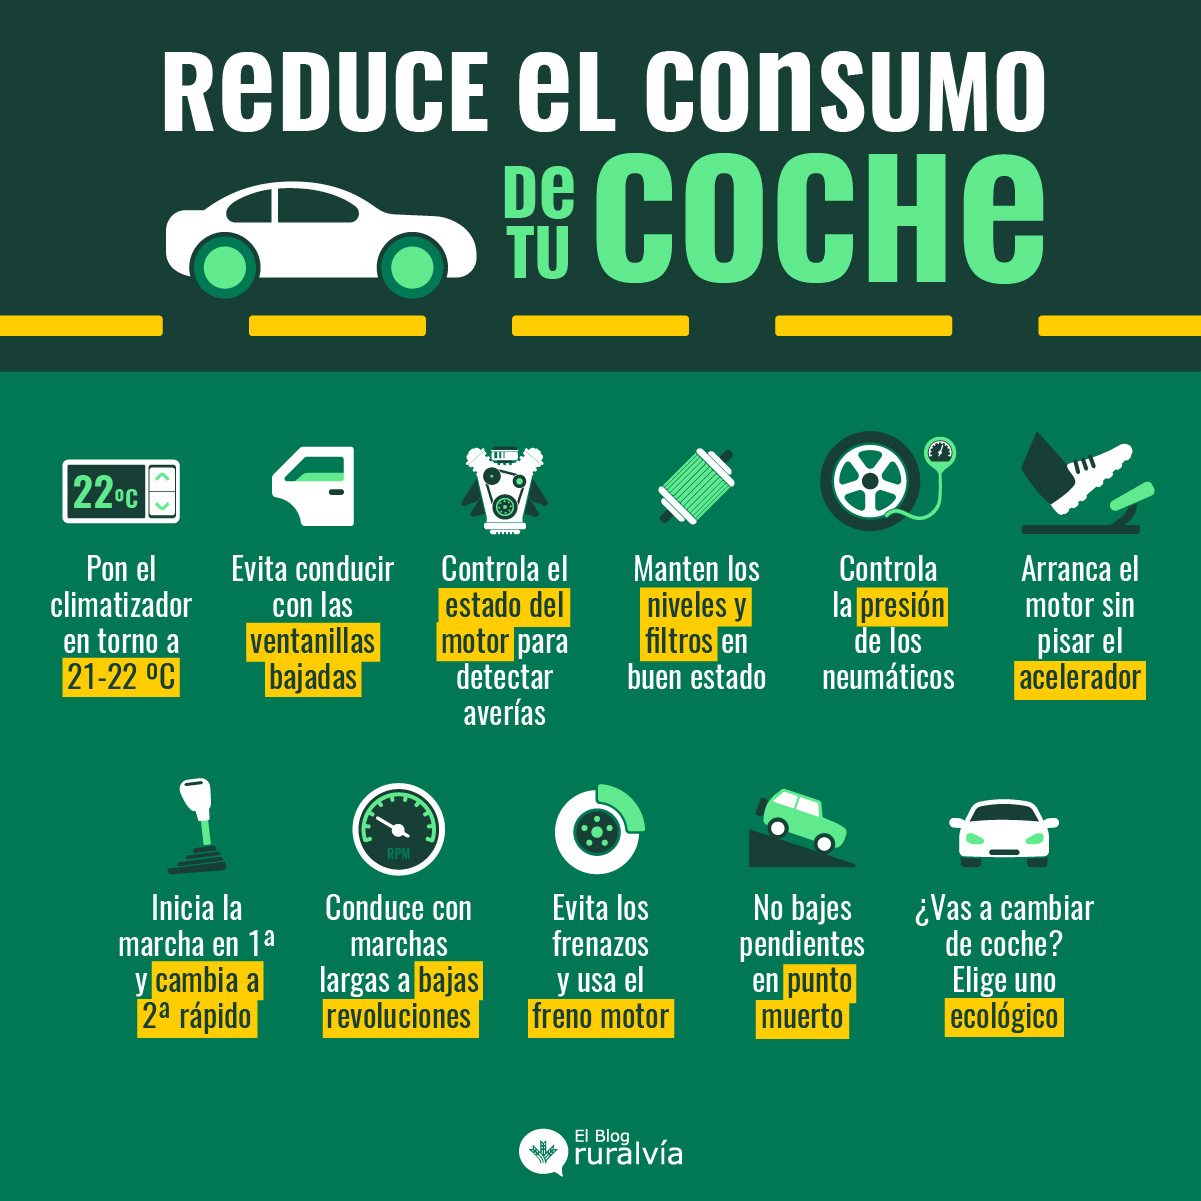 Tu forma de conducir determina el consumo de combustible